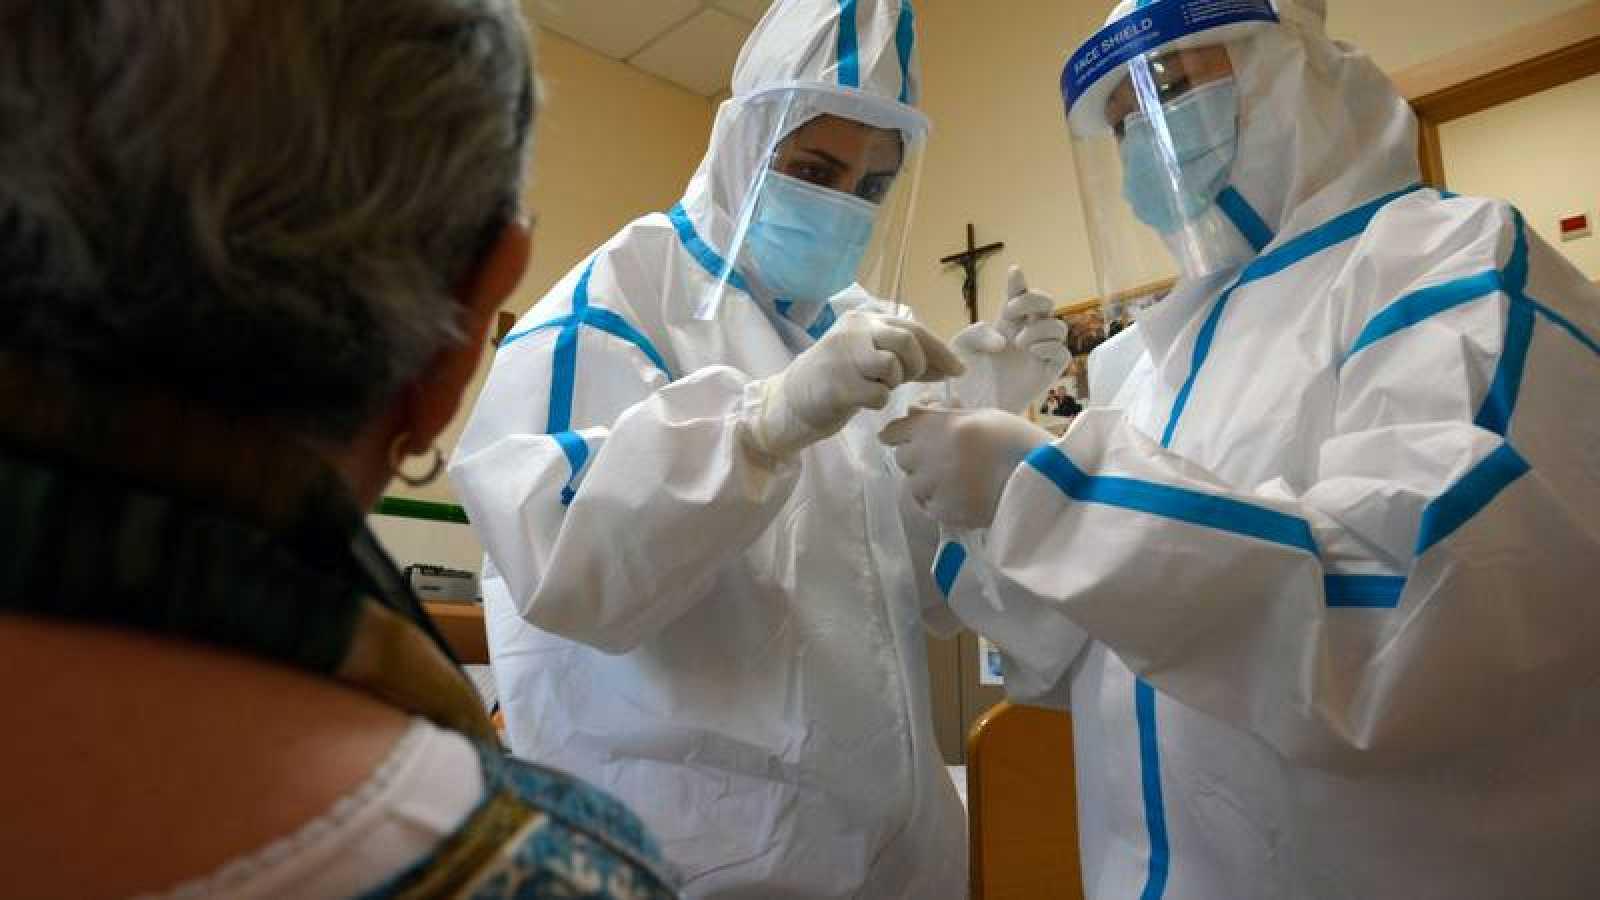 Profesionales sanitarios con trajes protectores toman una muestra para una prueba de Covid-19 en el Hospital Sant Miquel de Barcelona.